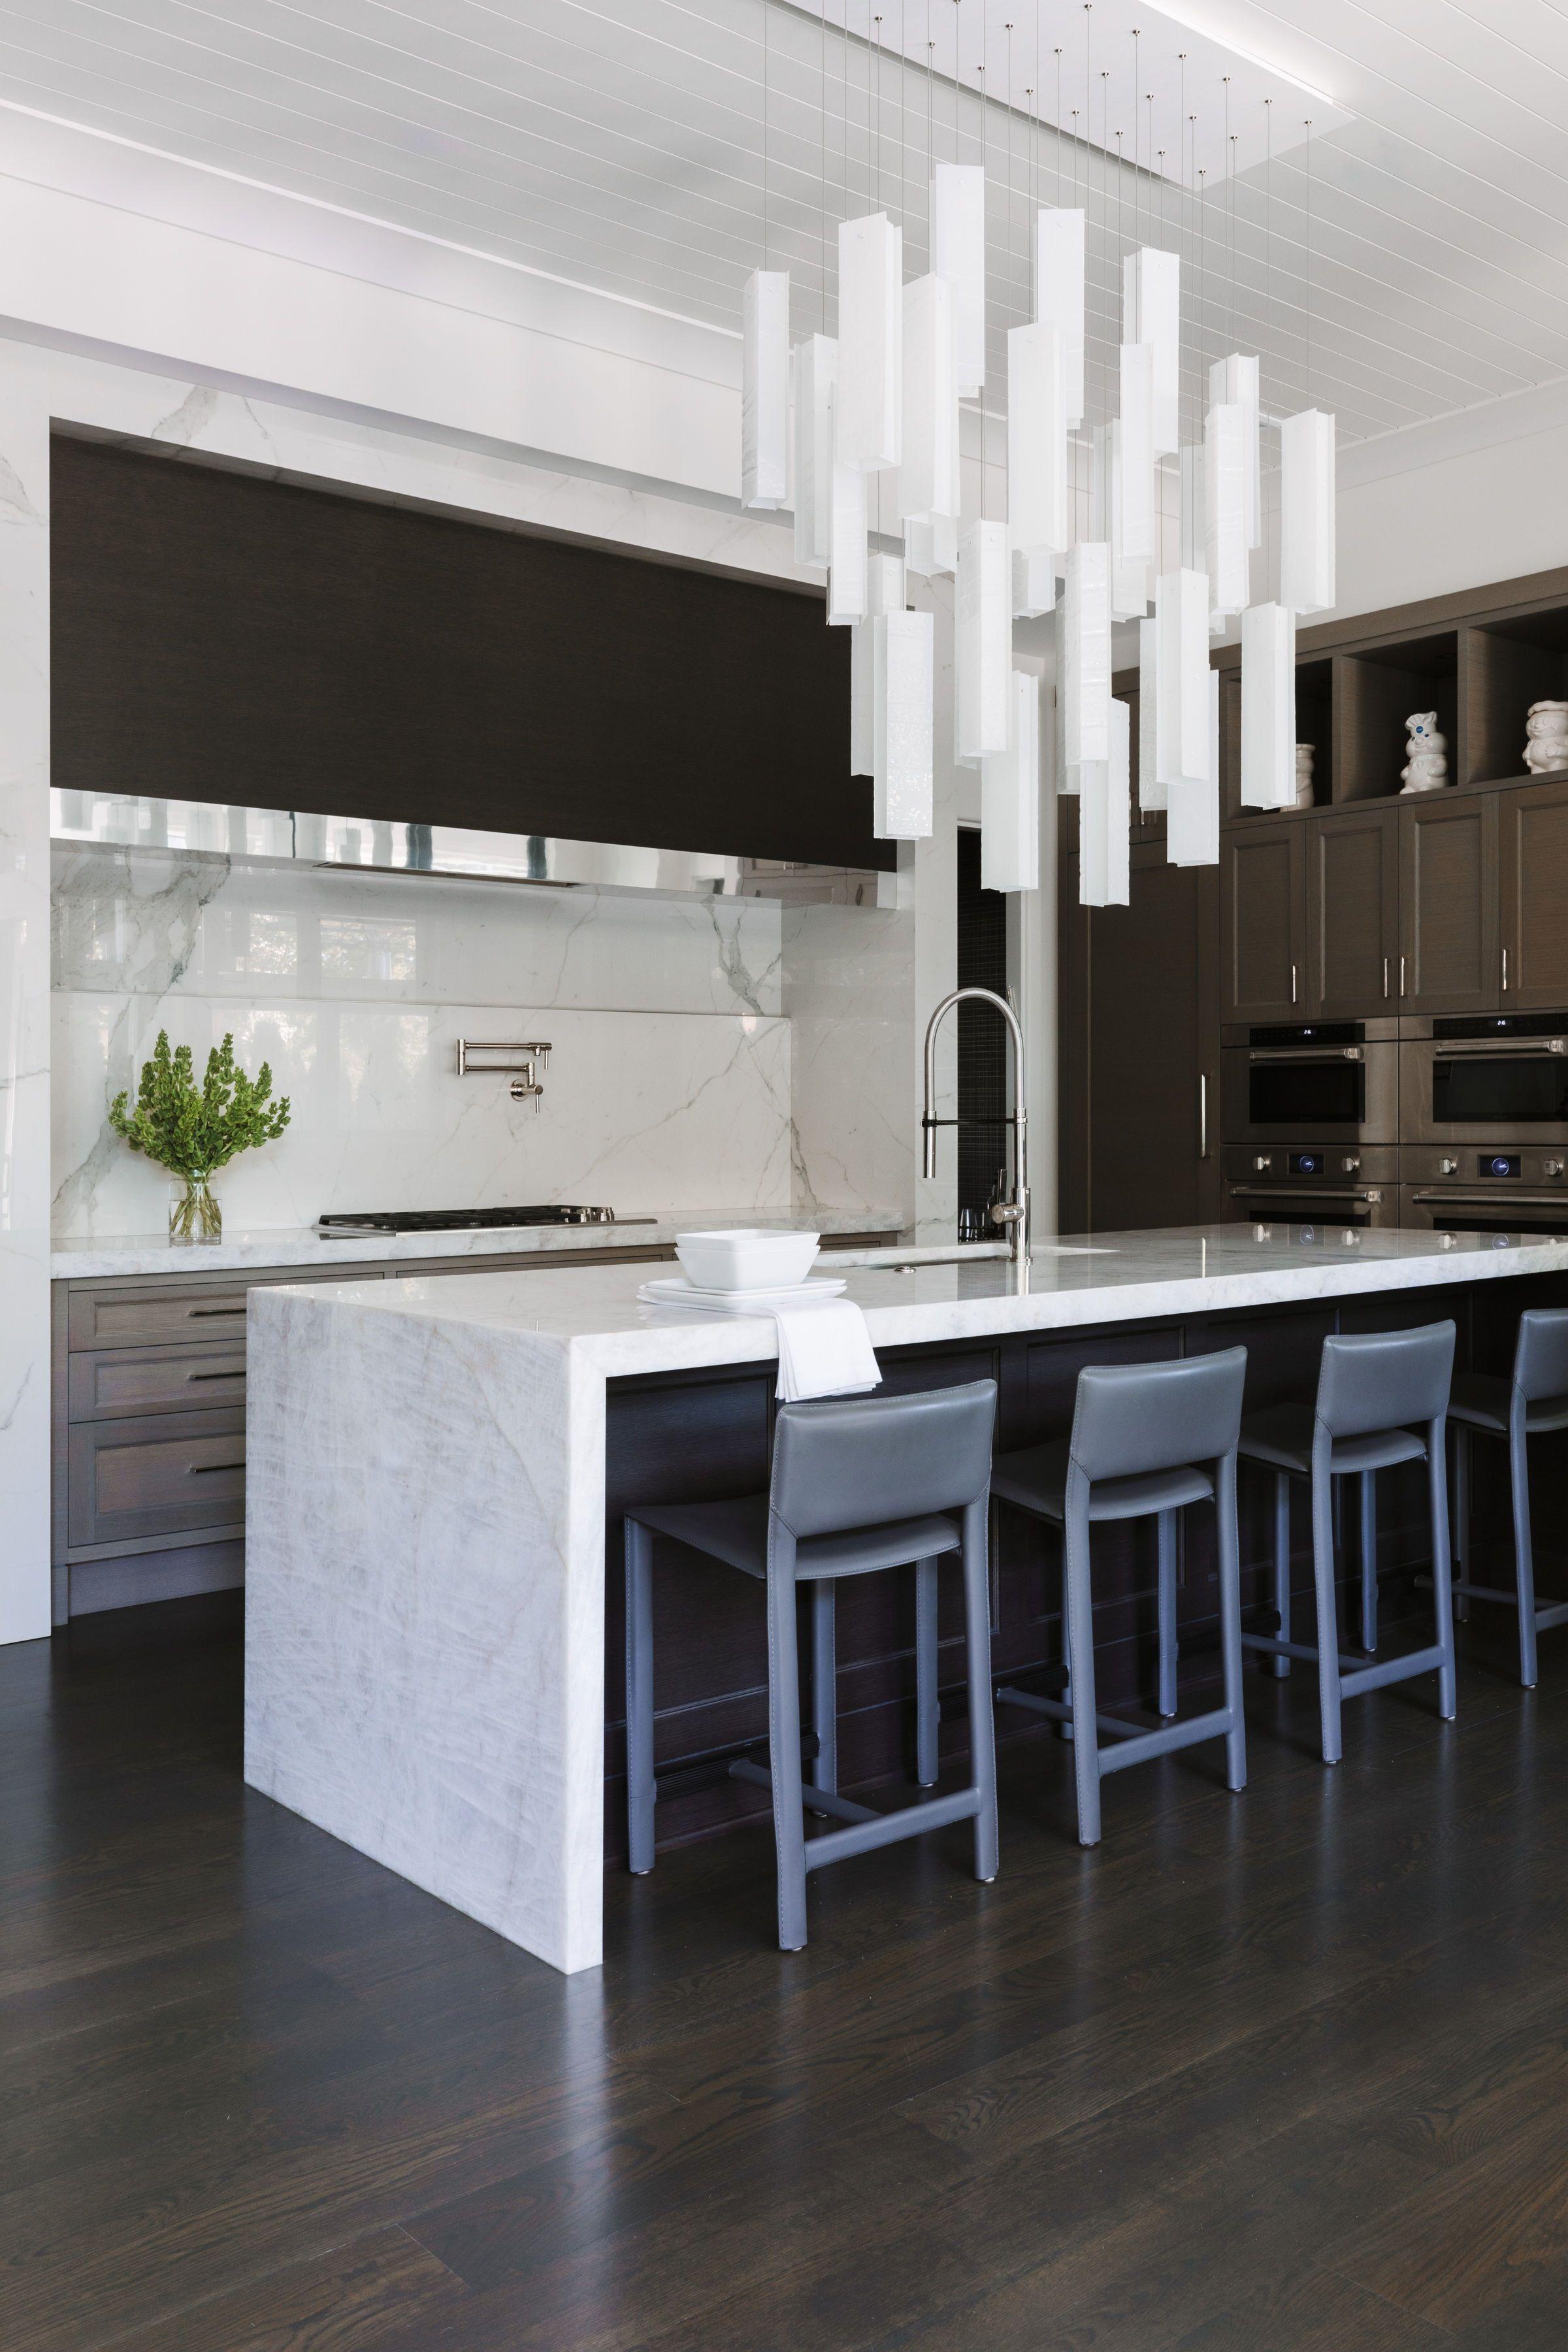 Modern Kitchen Lighting Kitchen Island Lamp Modern Glass Etsy In 2020 Modern Kitchen Lighting Modern Kitchen Island Kitchen Island Lighting Modern